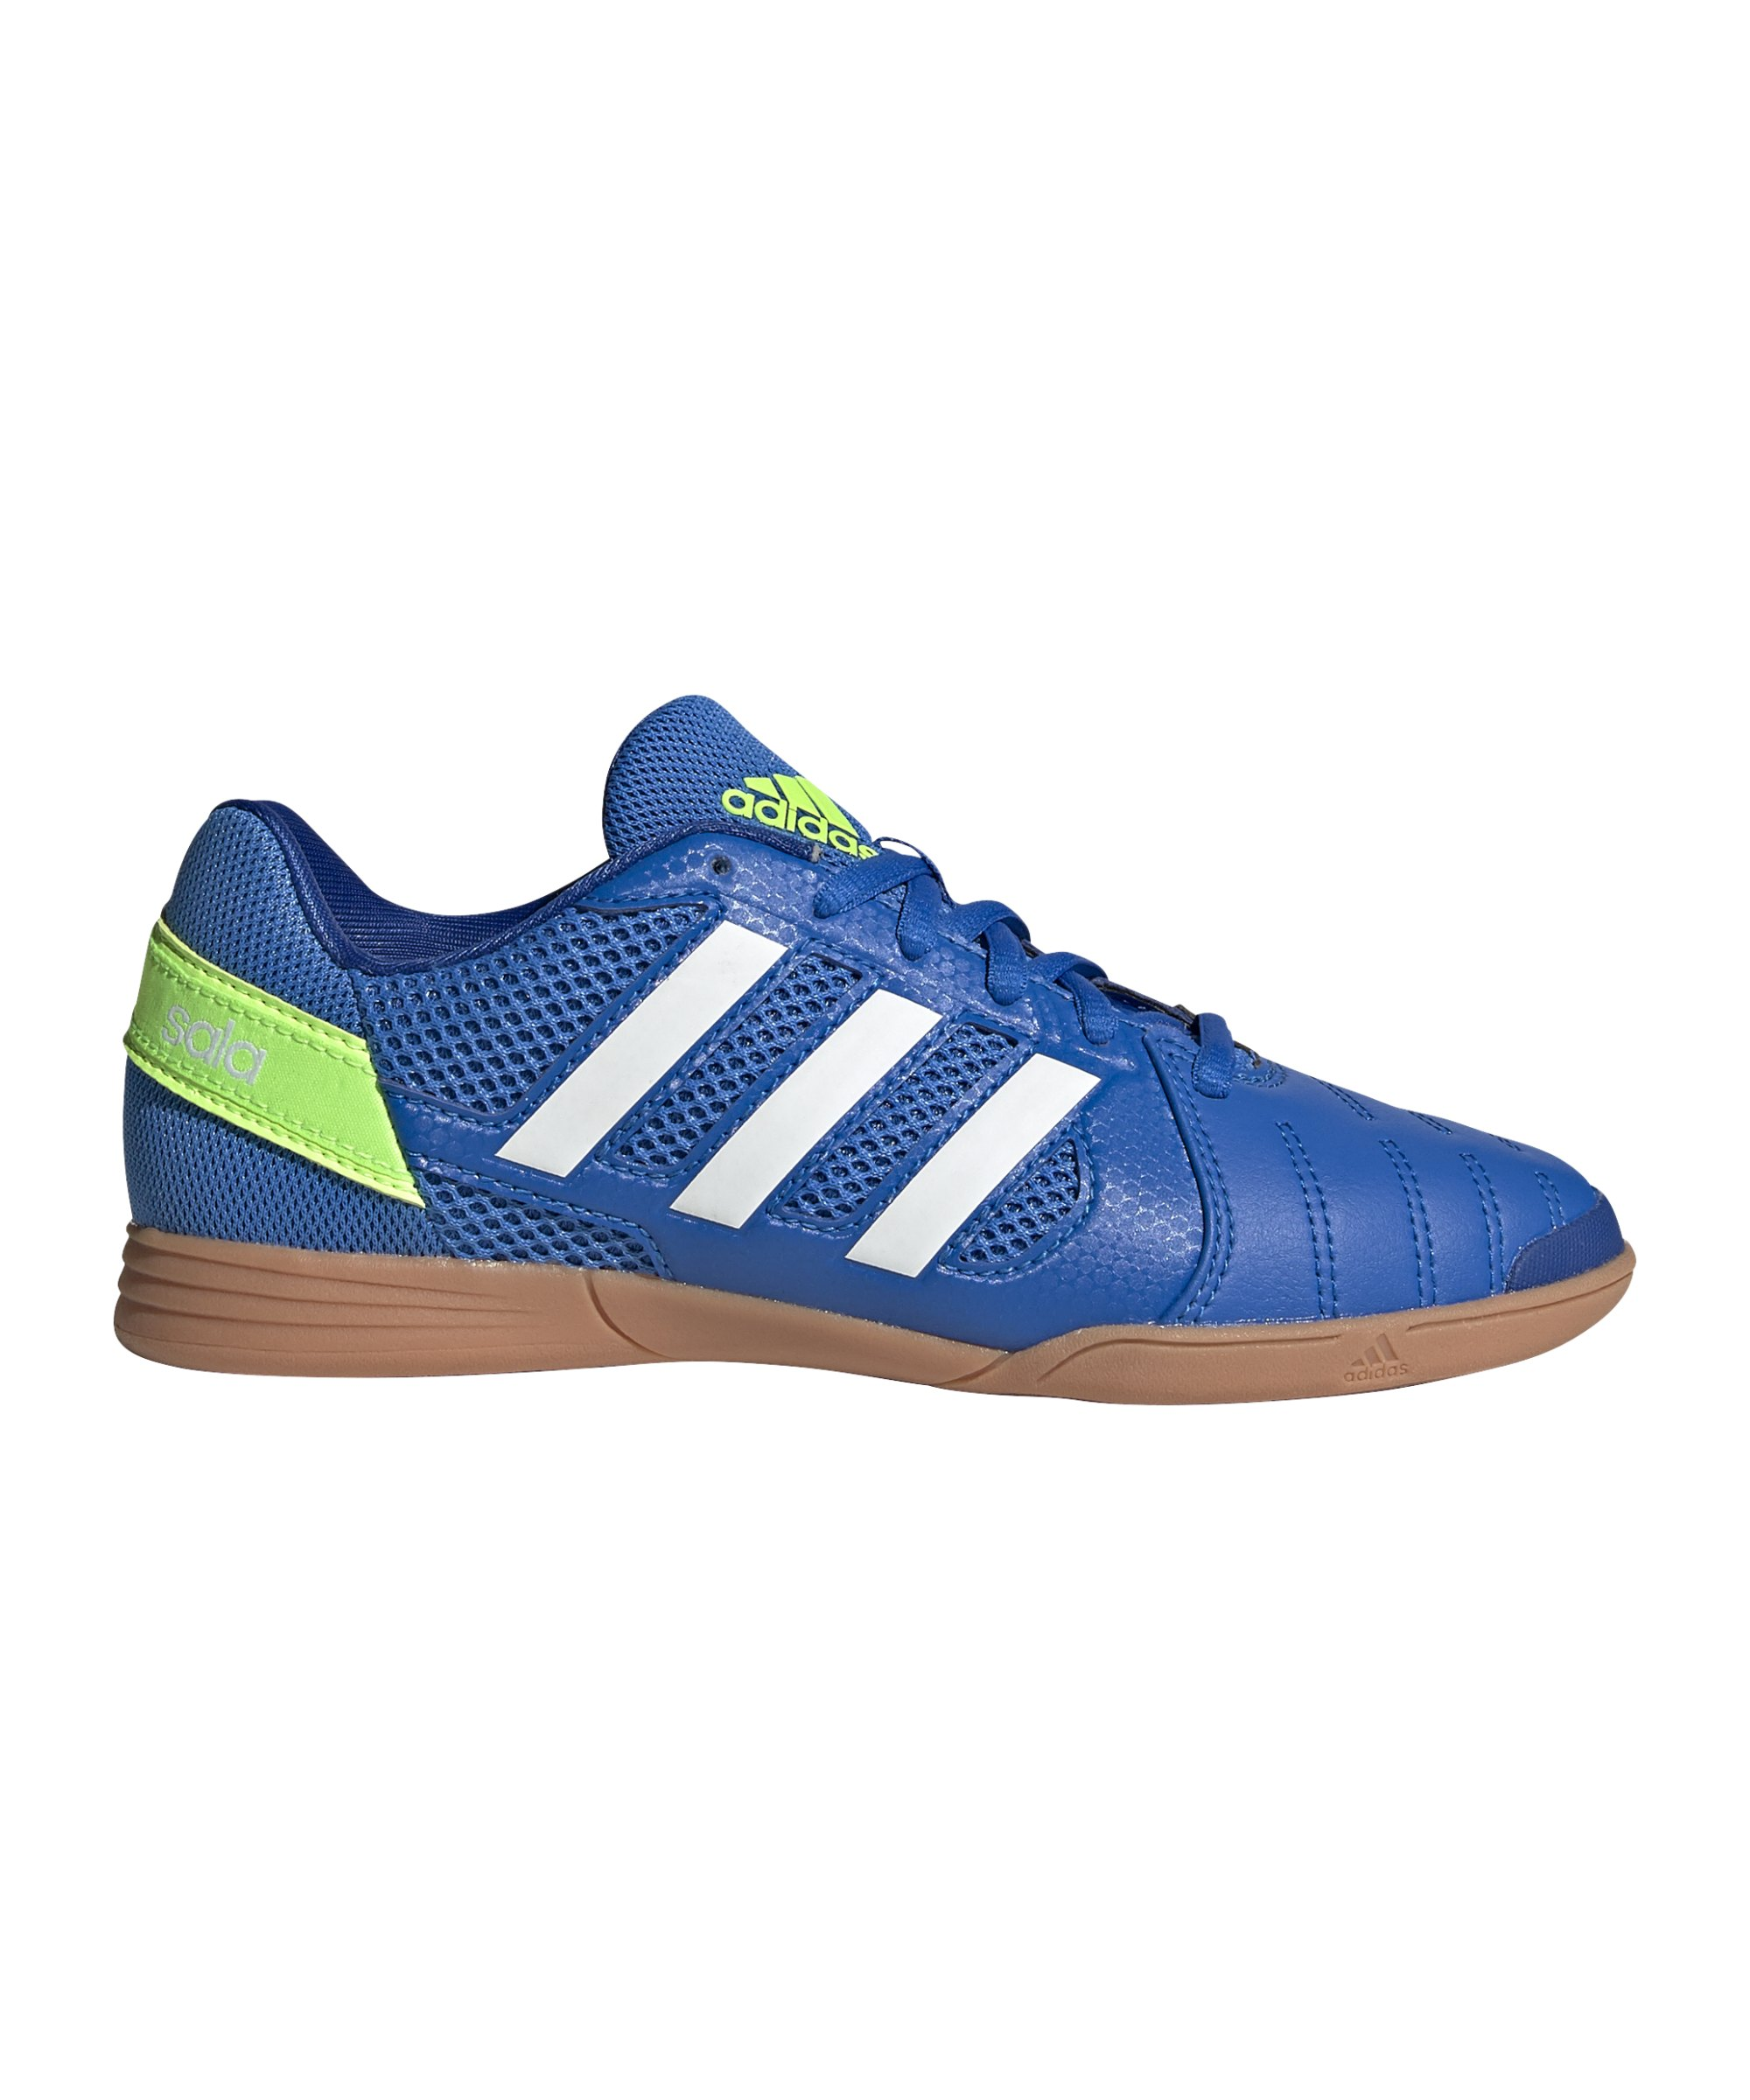 adidas Super Sala IN Halle J Kids Blau - blau